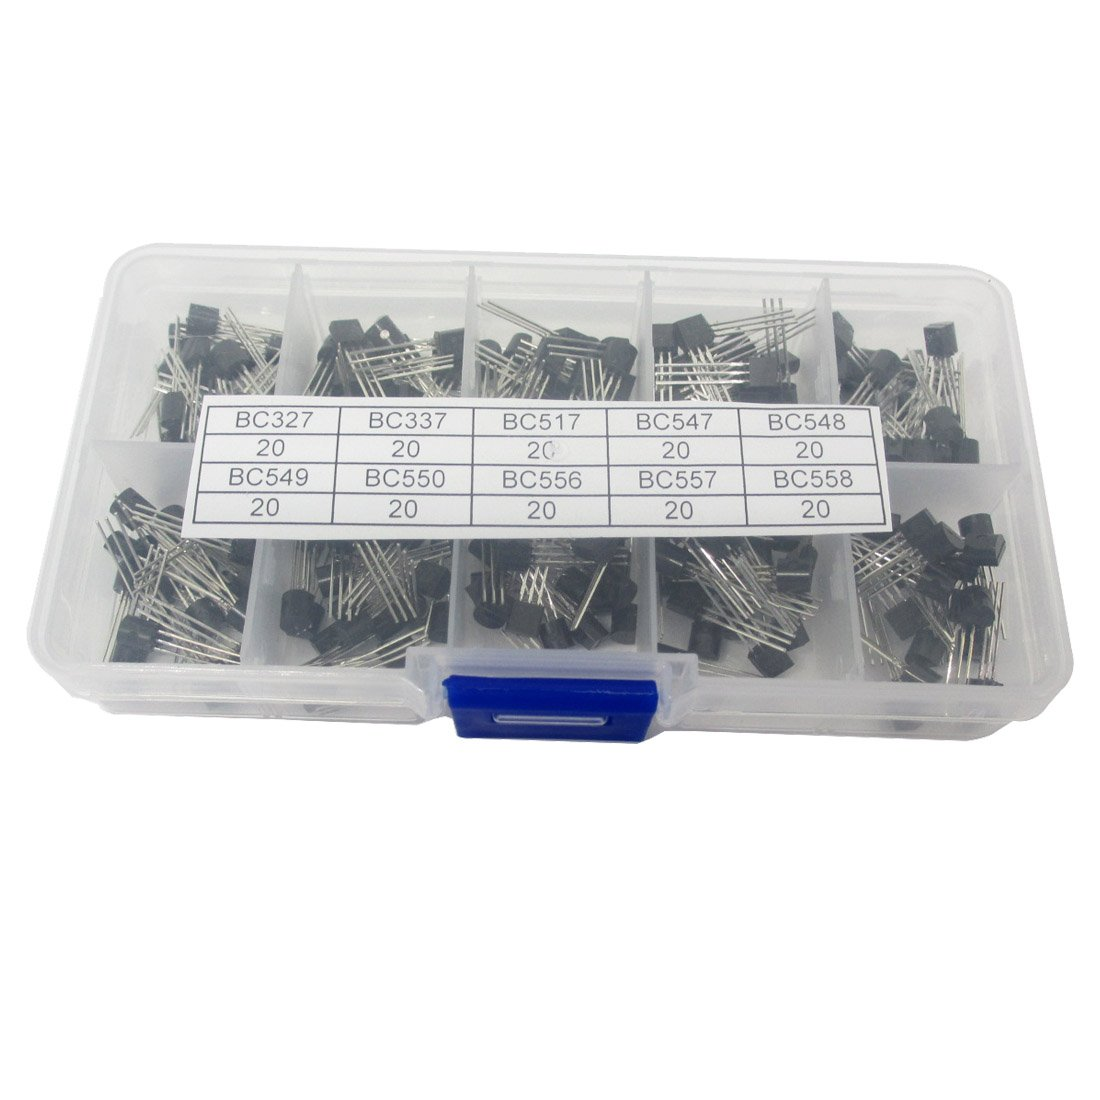 10Values 200PCS NPN PNP Transistor Assorted Kit BC327 BC337 BC517 BC547 BC548 BC549 BC550 BC556 BC557 BC558